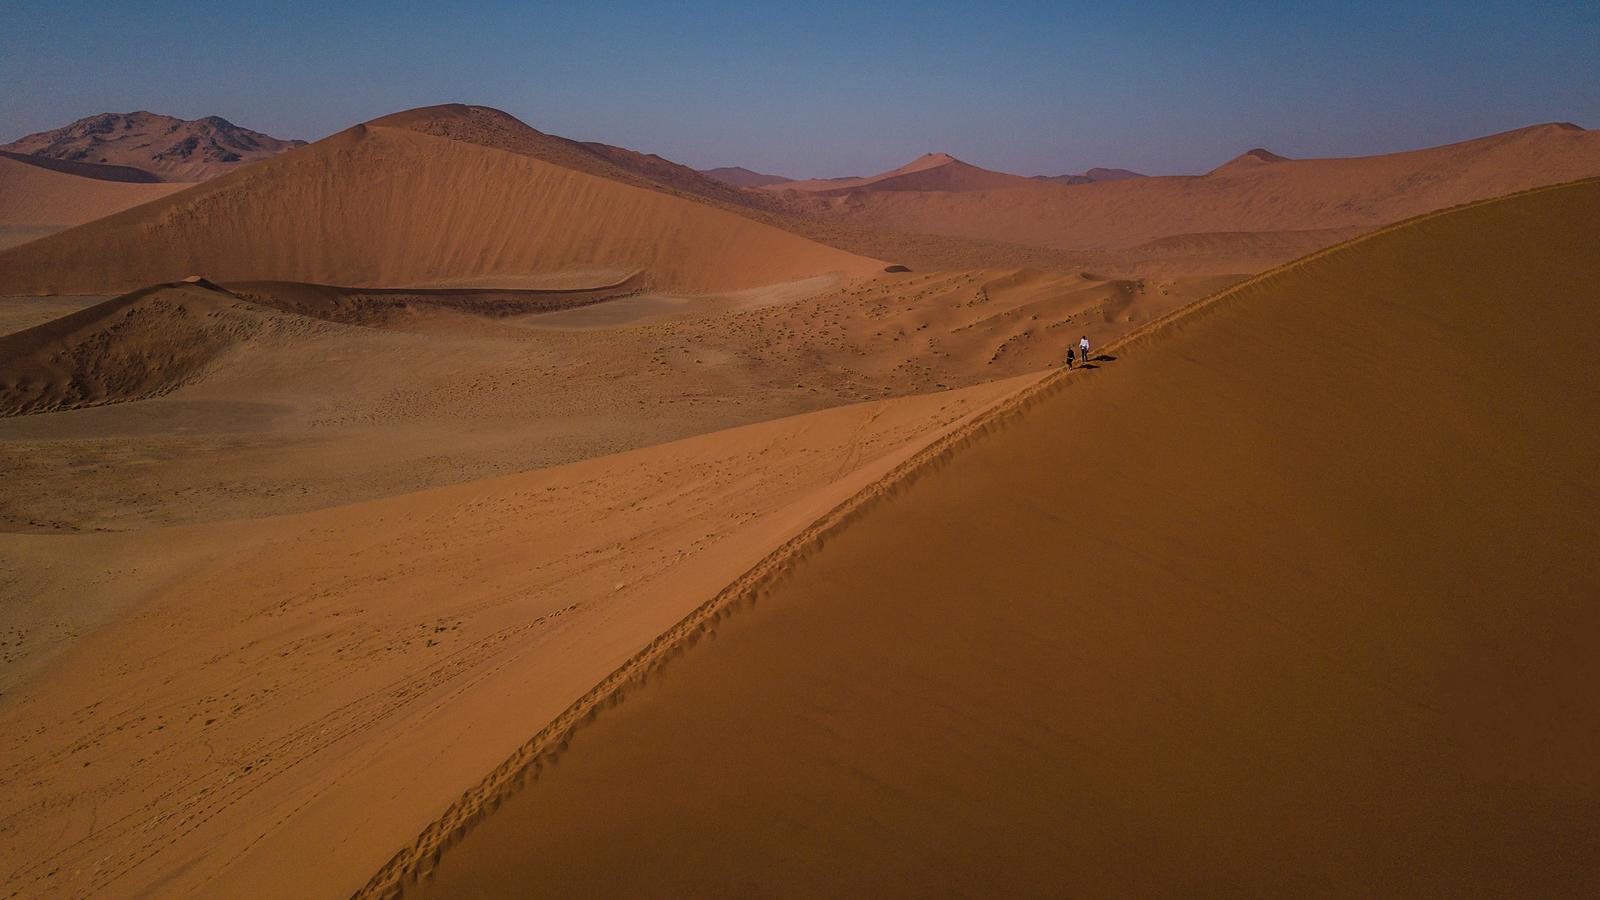 traveljunkies Reisen für junge Leute Südafrika Namibia Dünen Namib Wüste Gruppenreise Abenteuerreise Erlebnisreise Afrika